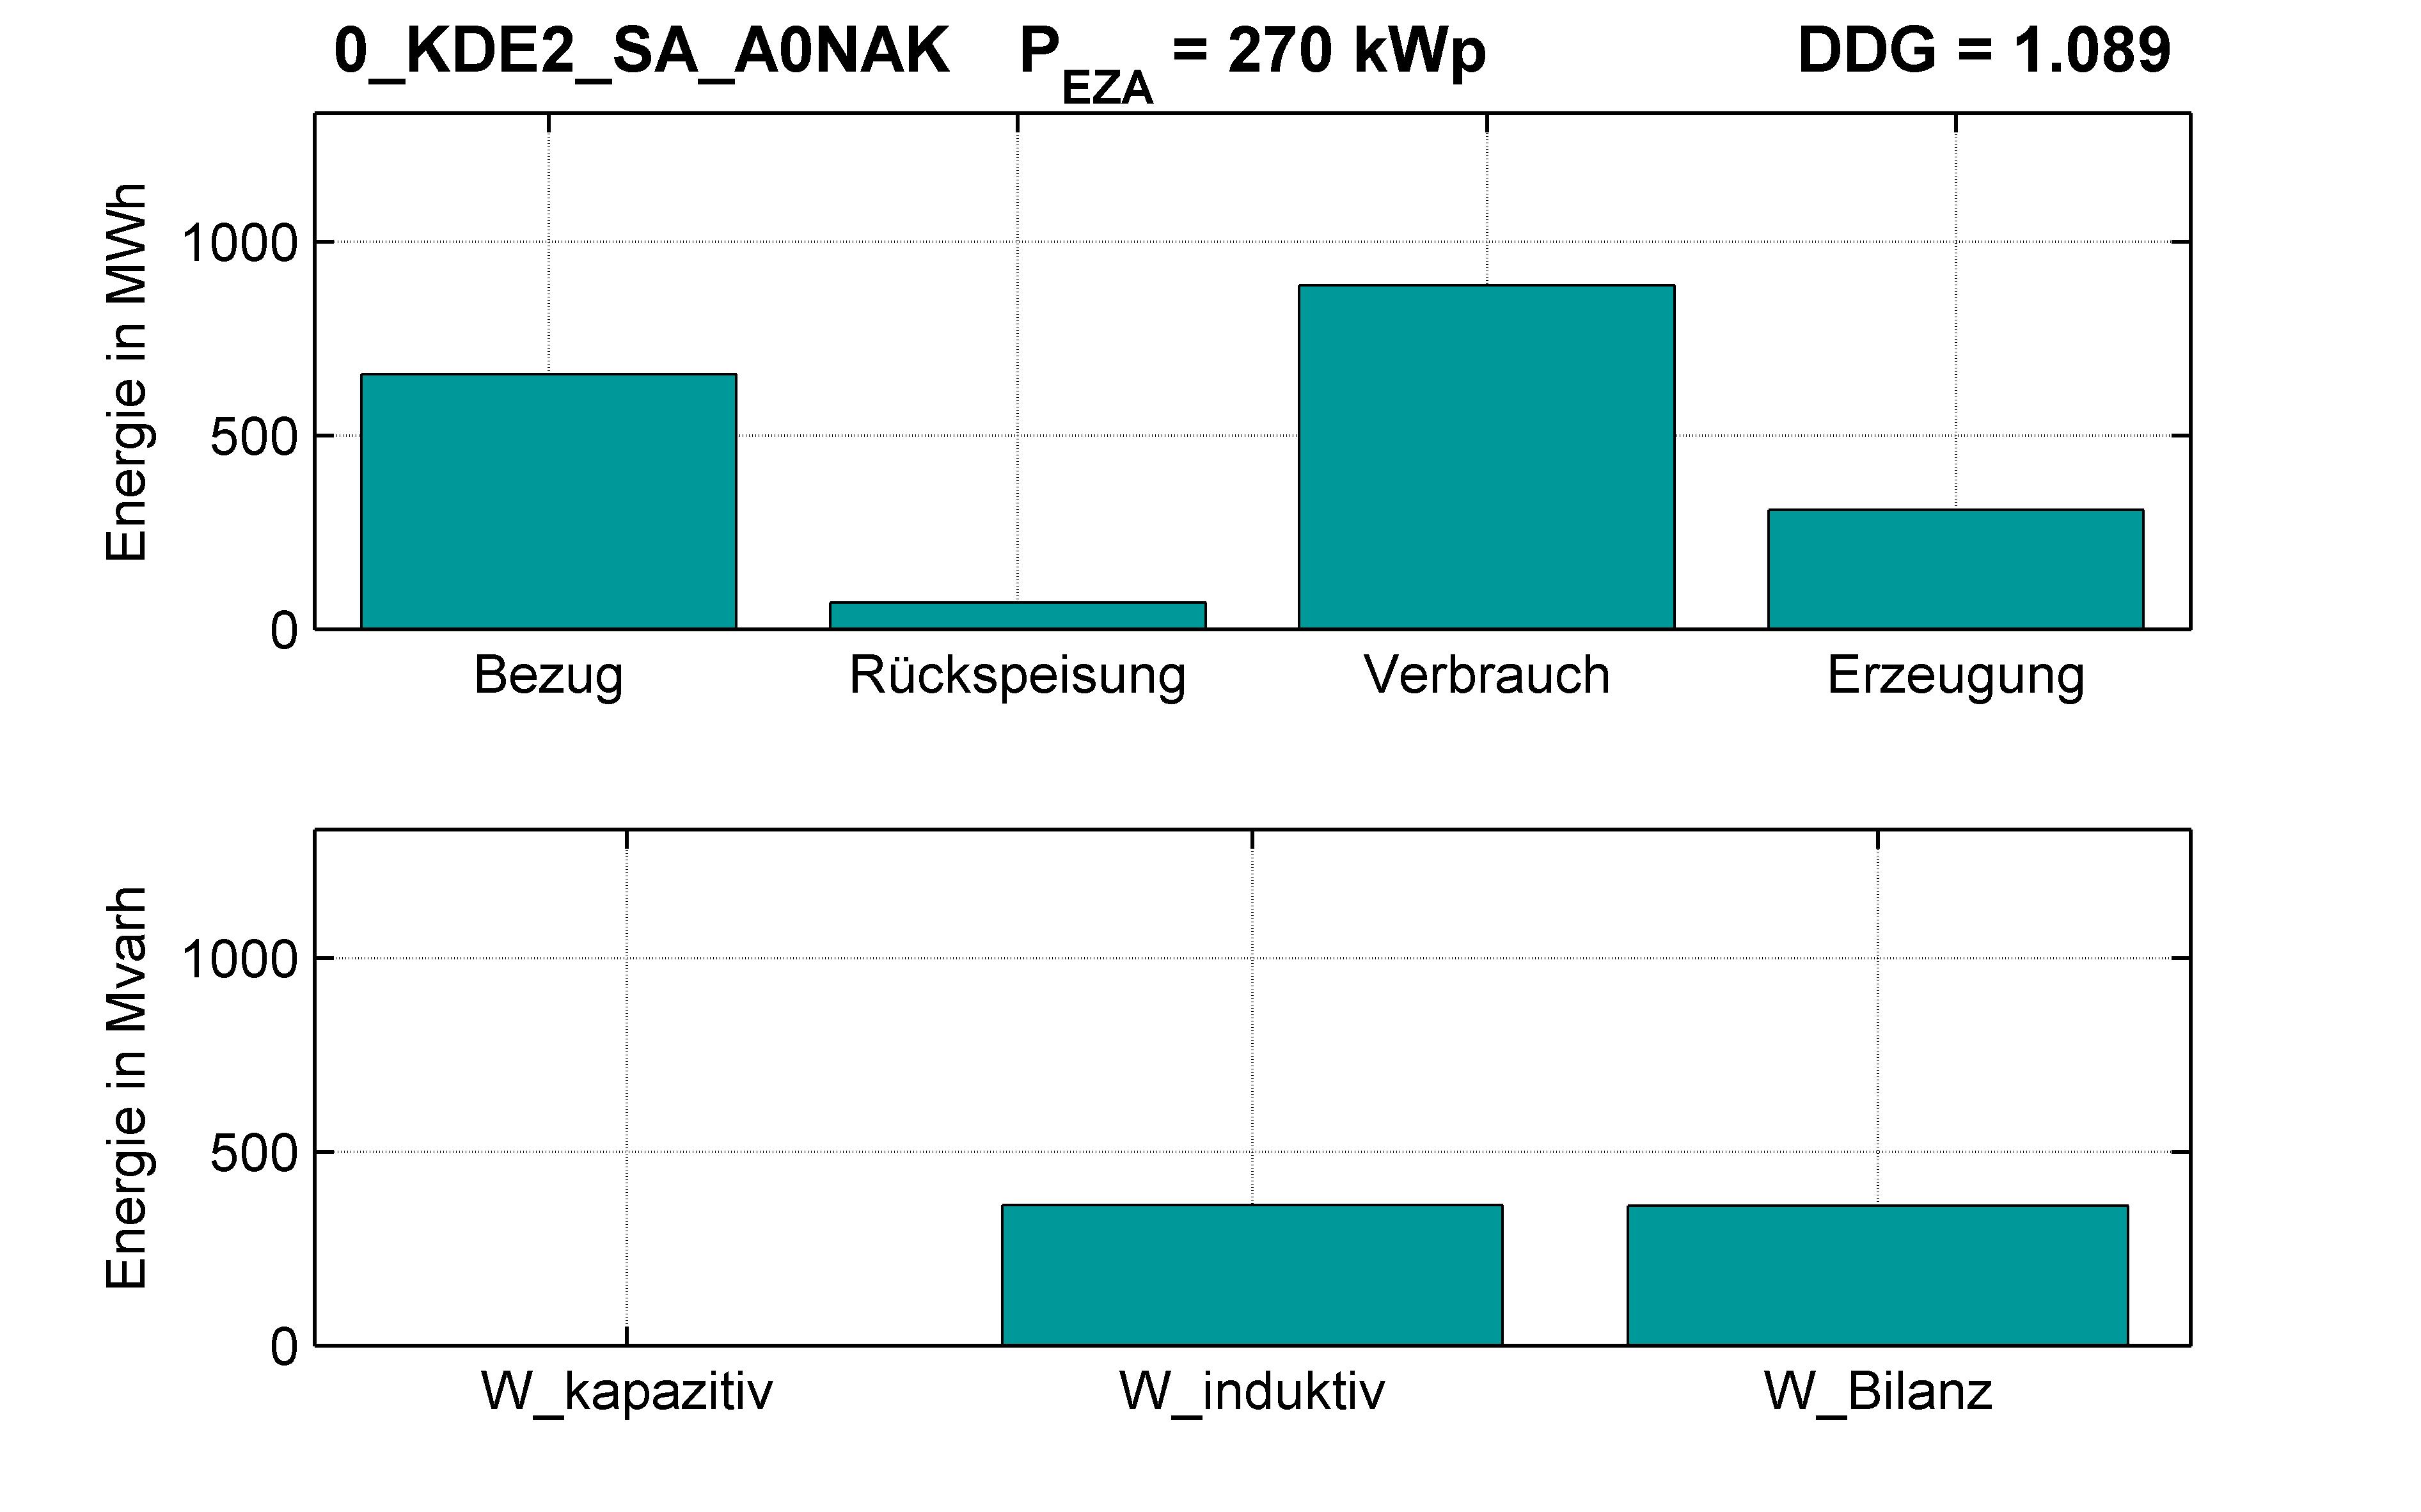 KDE2 | RONT (SA) A0NAK | PQ-Bilanz